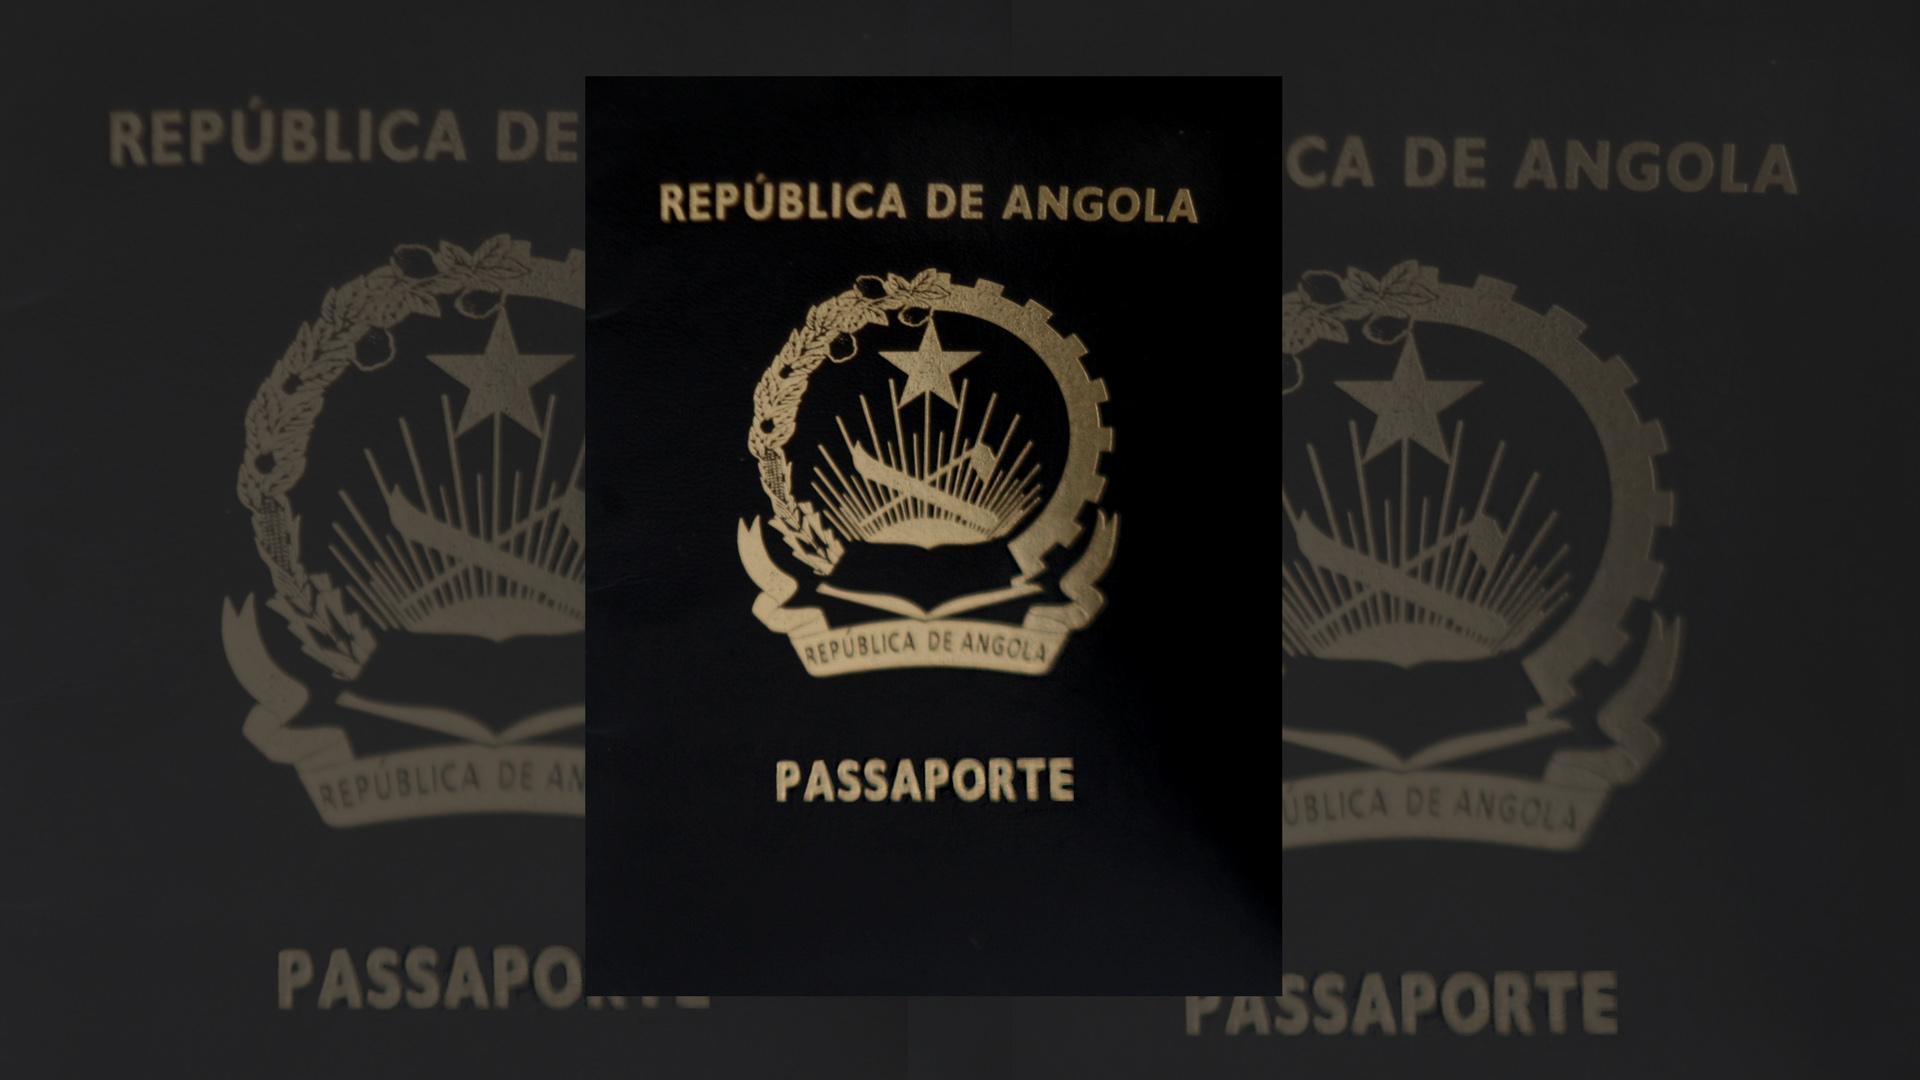 Passaporte preto são os mais raros, mas não menos imponente e representativo.